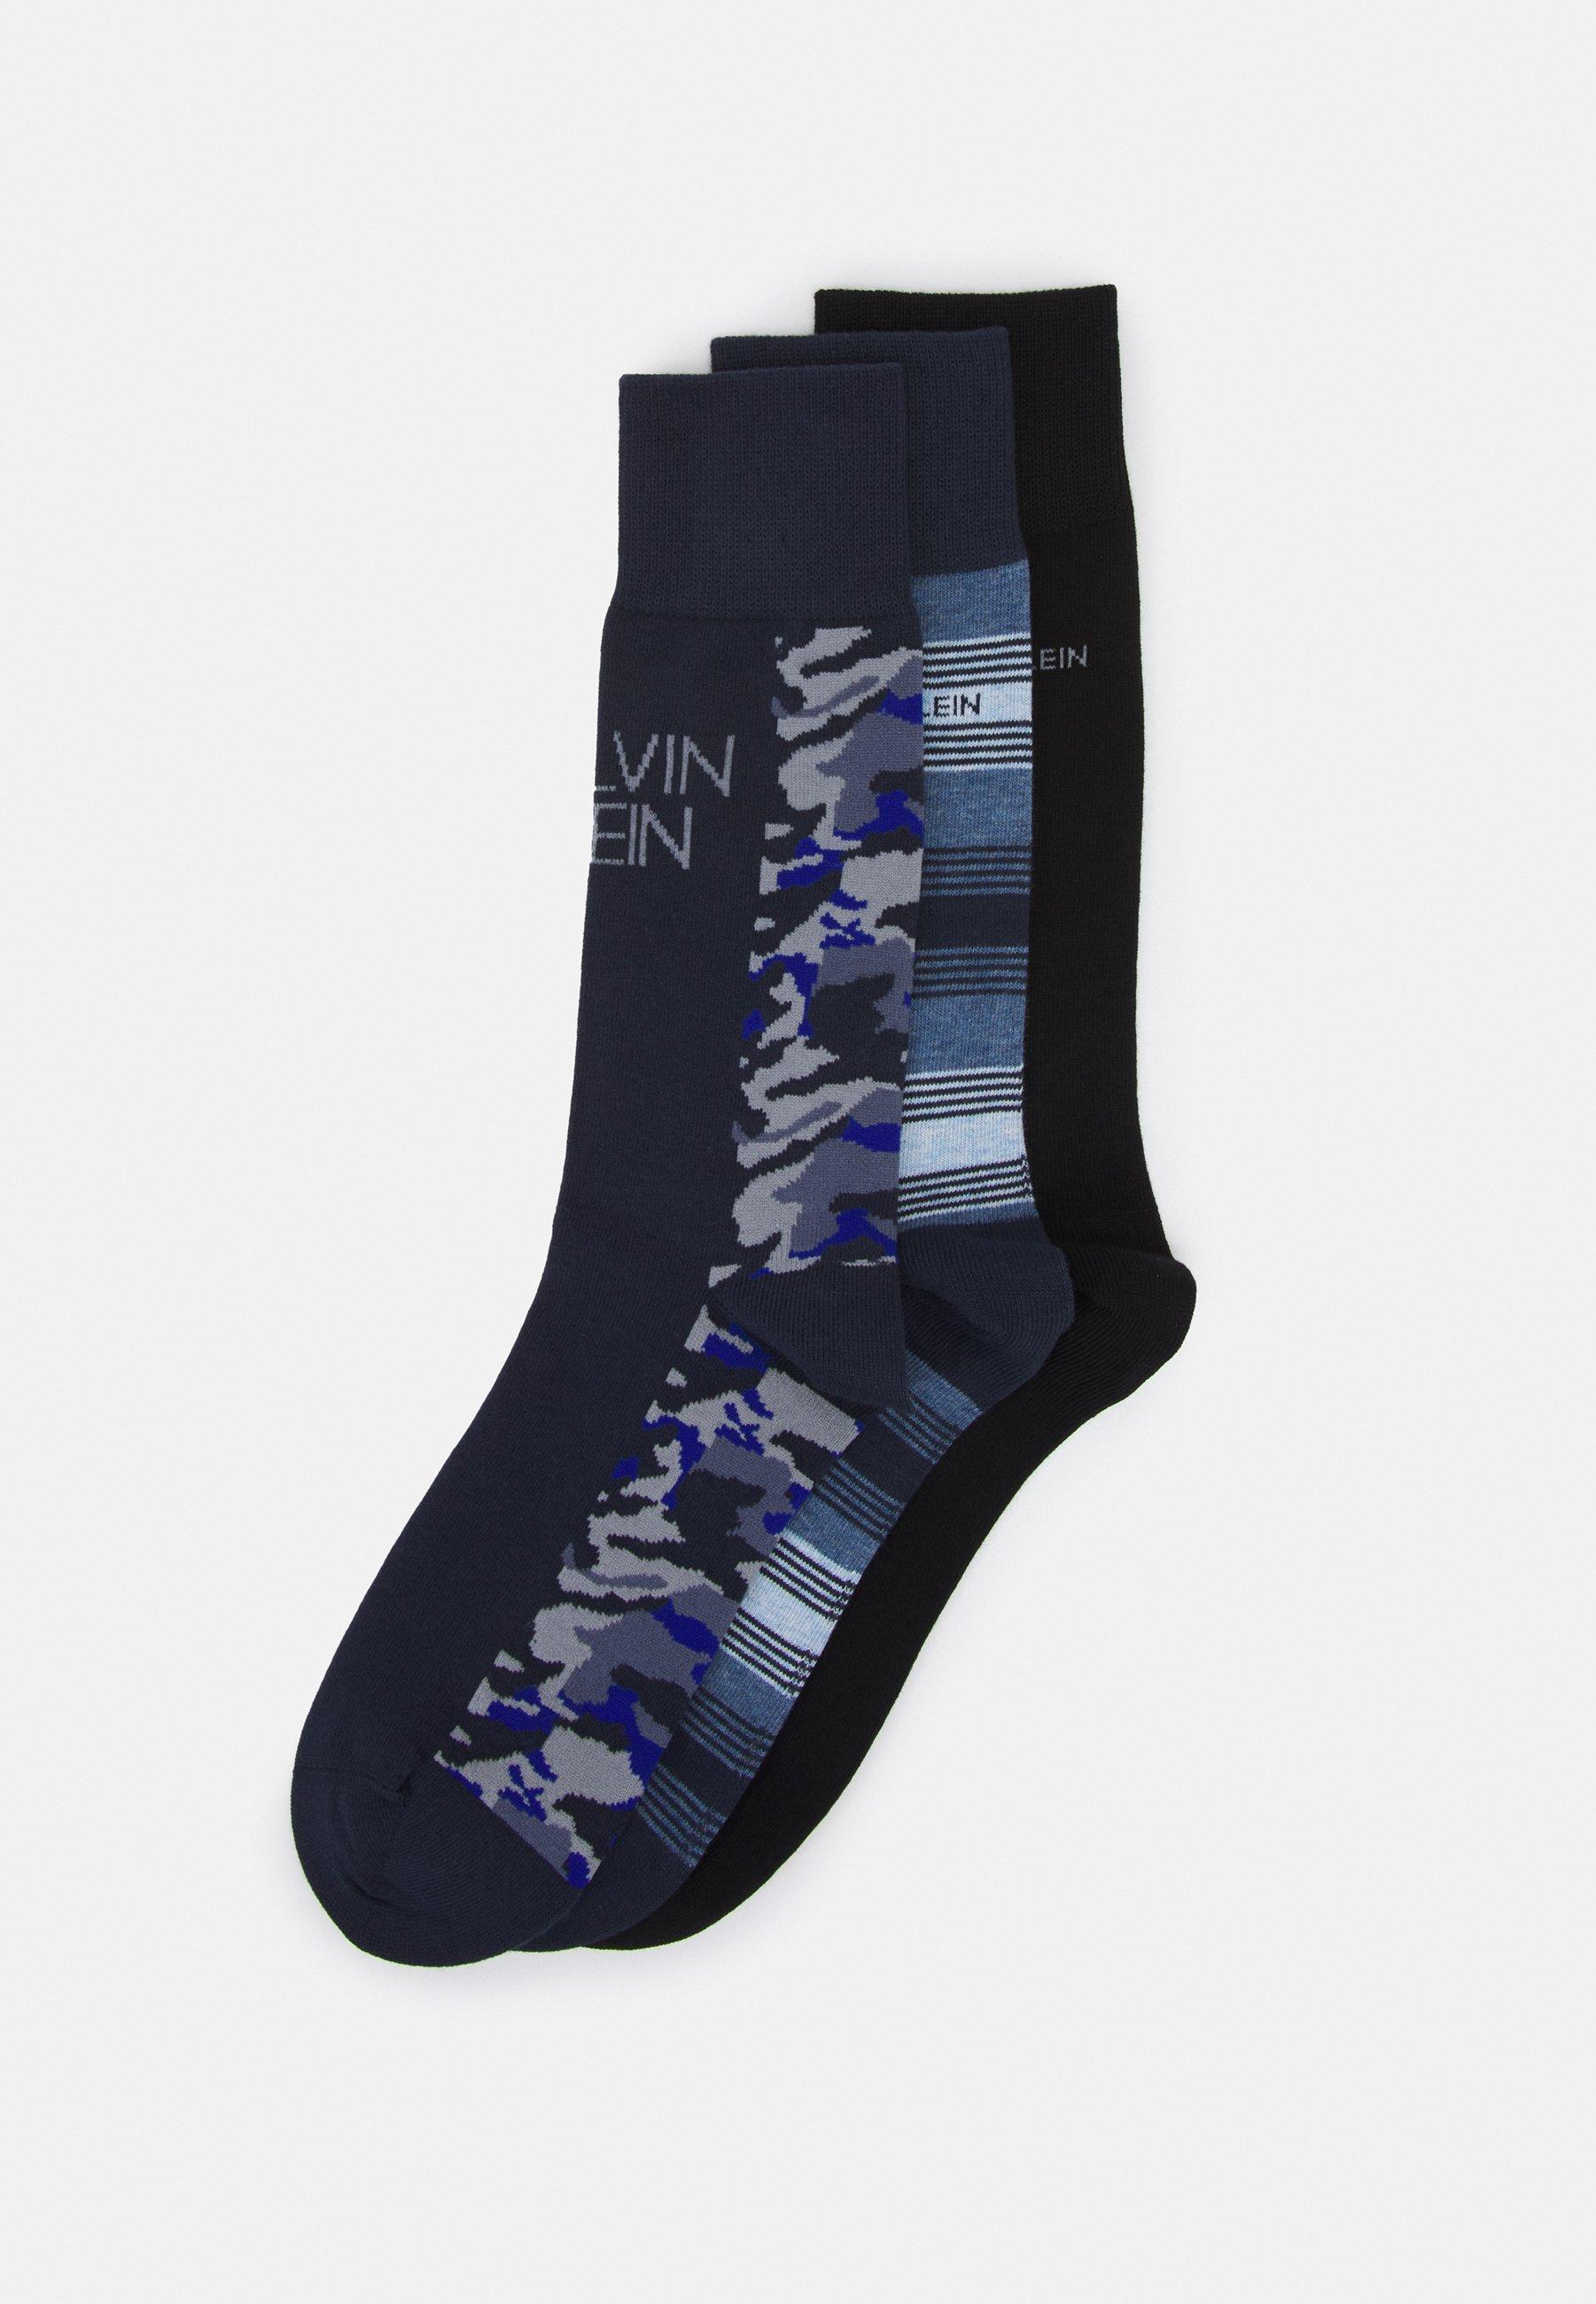 Men MENS COLOR BLOCKING CAMO CREW CONNOR 3 PACK - Socks